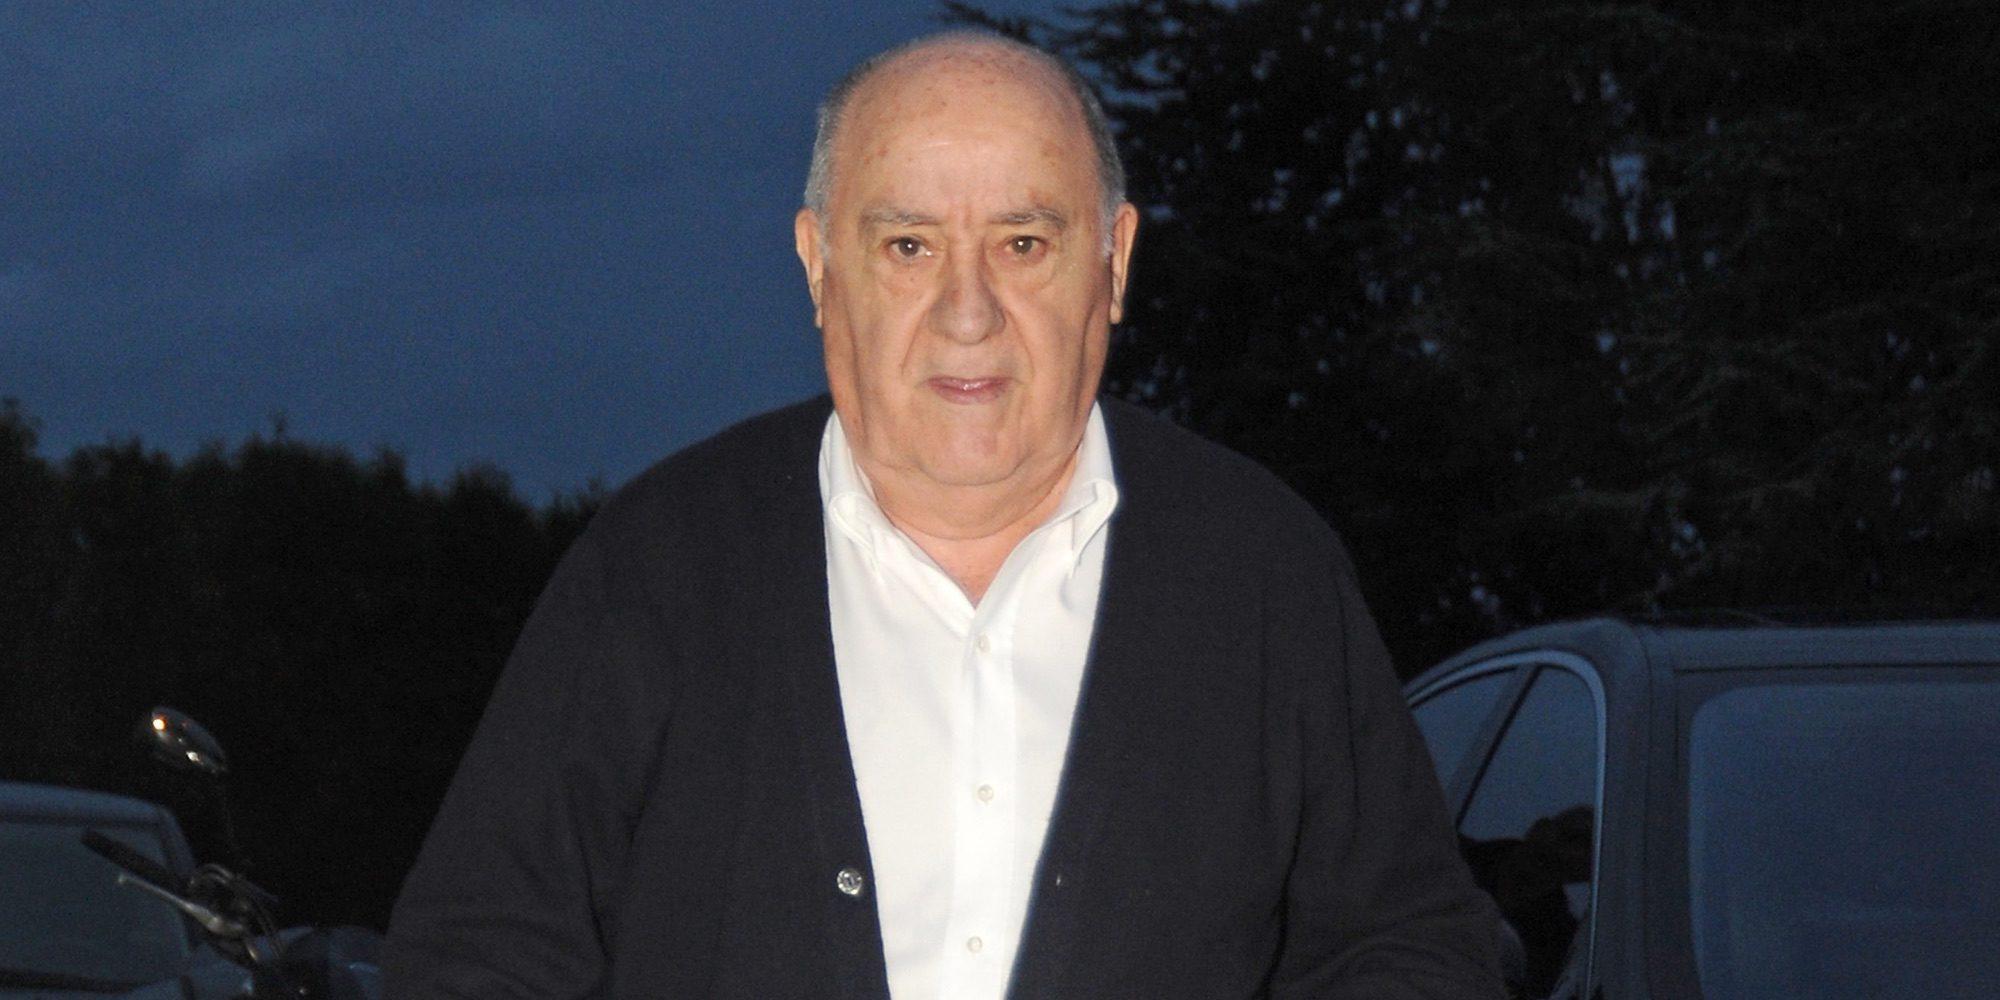 La Fundación Amancio Ortega dona 320 millones de euros a la sanidad española para la lucha contra el cáncer